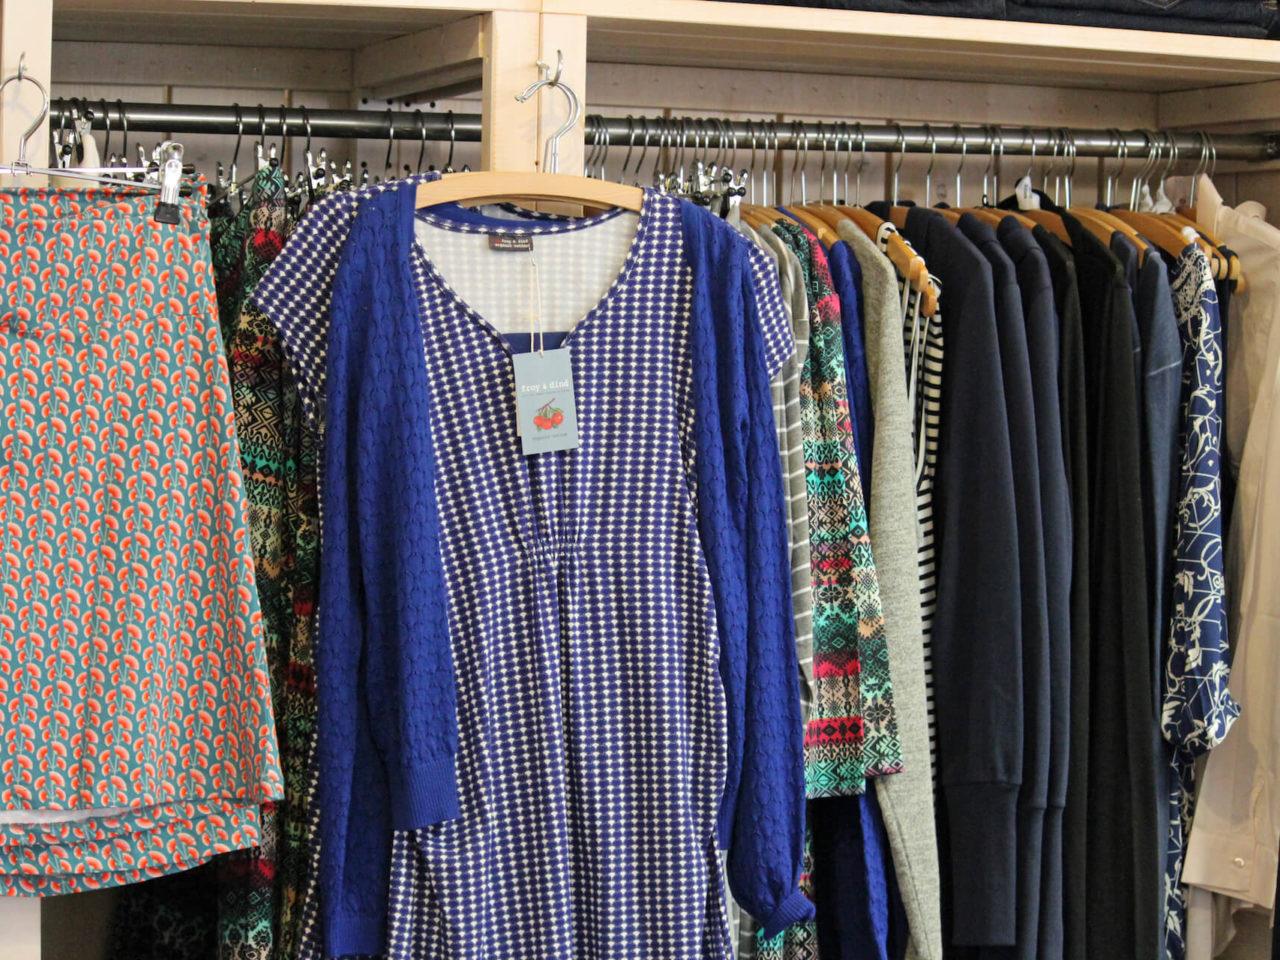 Kleider, Jacken und Oberteile von mama licious, Bellybutton und froy & dind aus Belgien in Bioqualität im Elli und Mai Kindermode